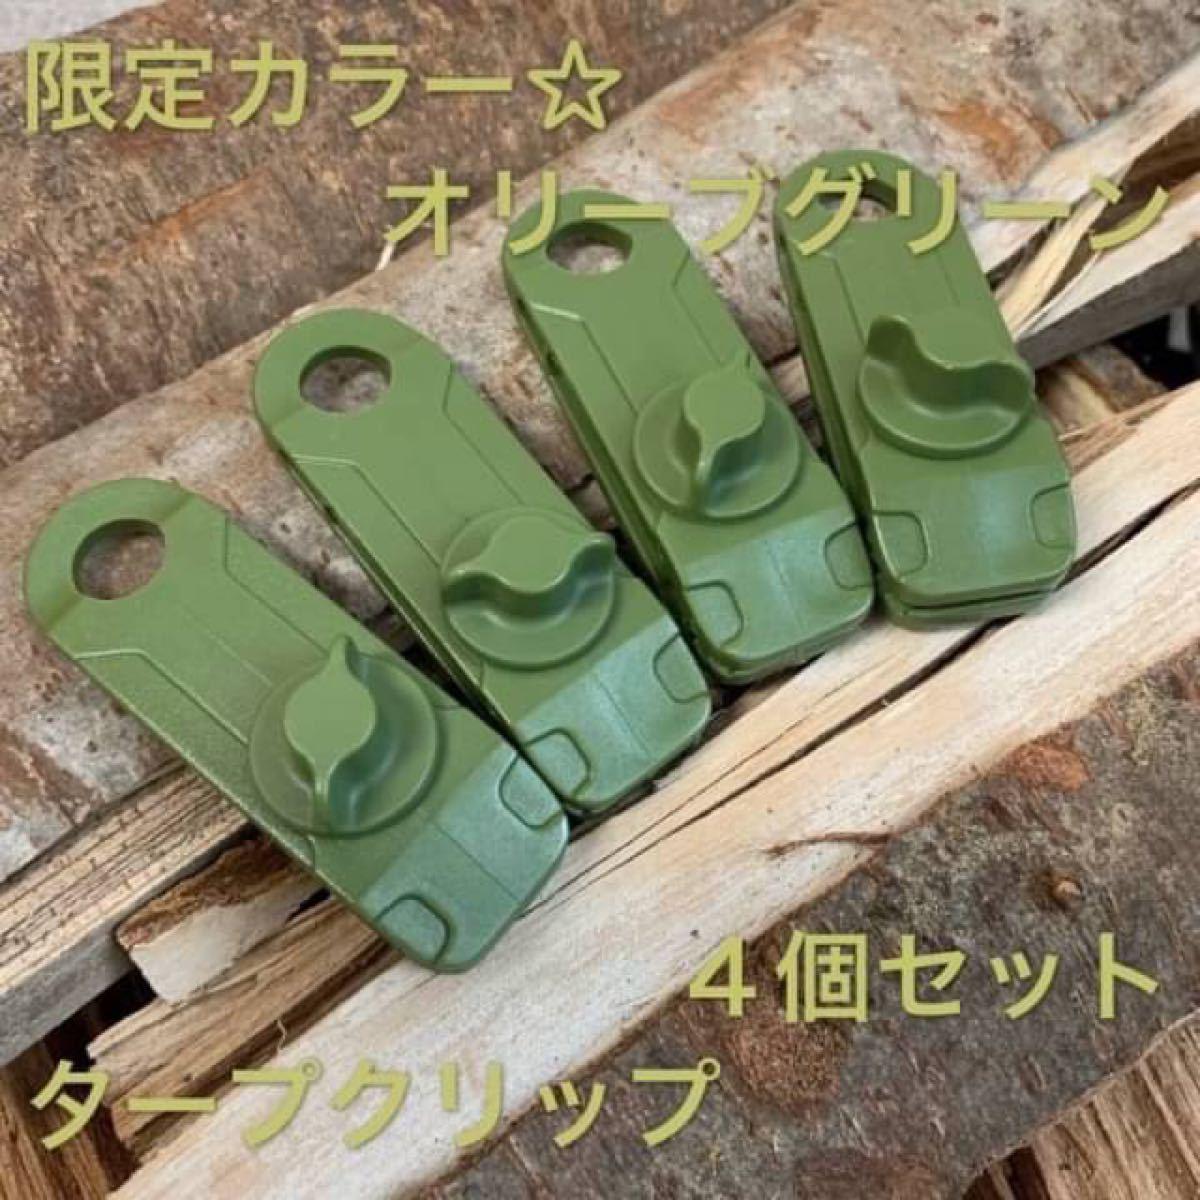 タープクリップ 限定カラー☆オリーブグリーン 4個セット テントクリップ